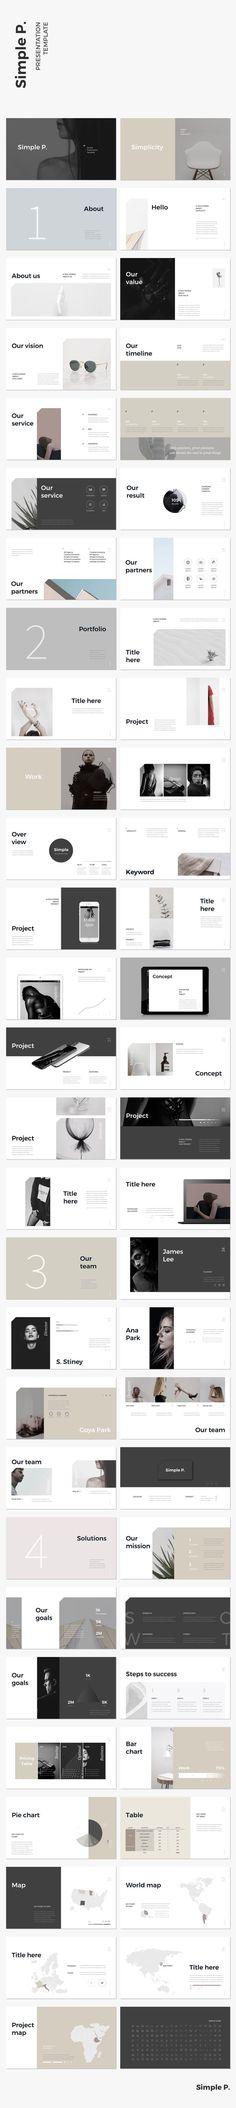 Simple & Minimal Presentation Template #keynote #presentation #simple #minimal #portfolio #business #marketing